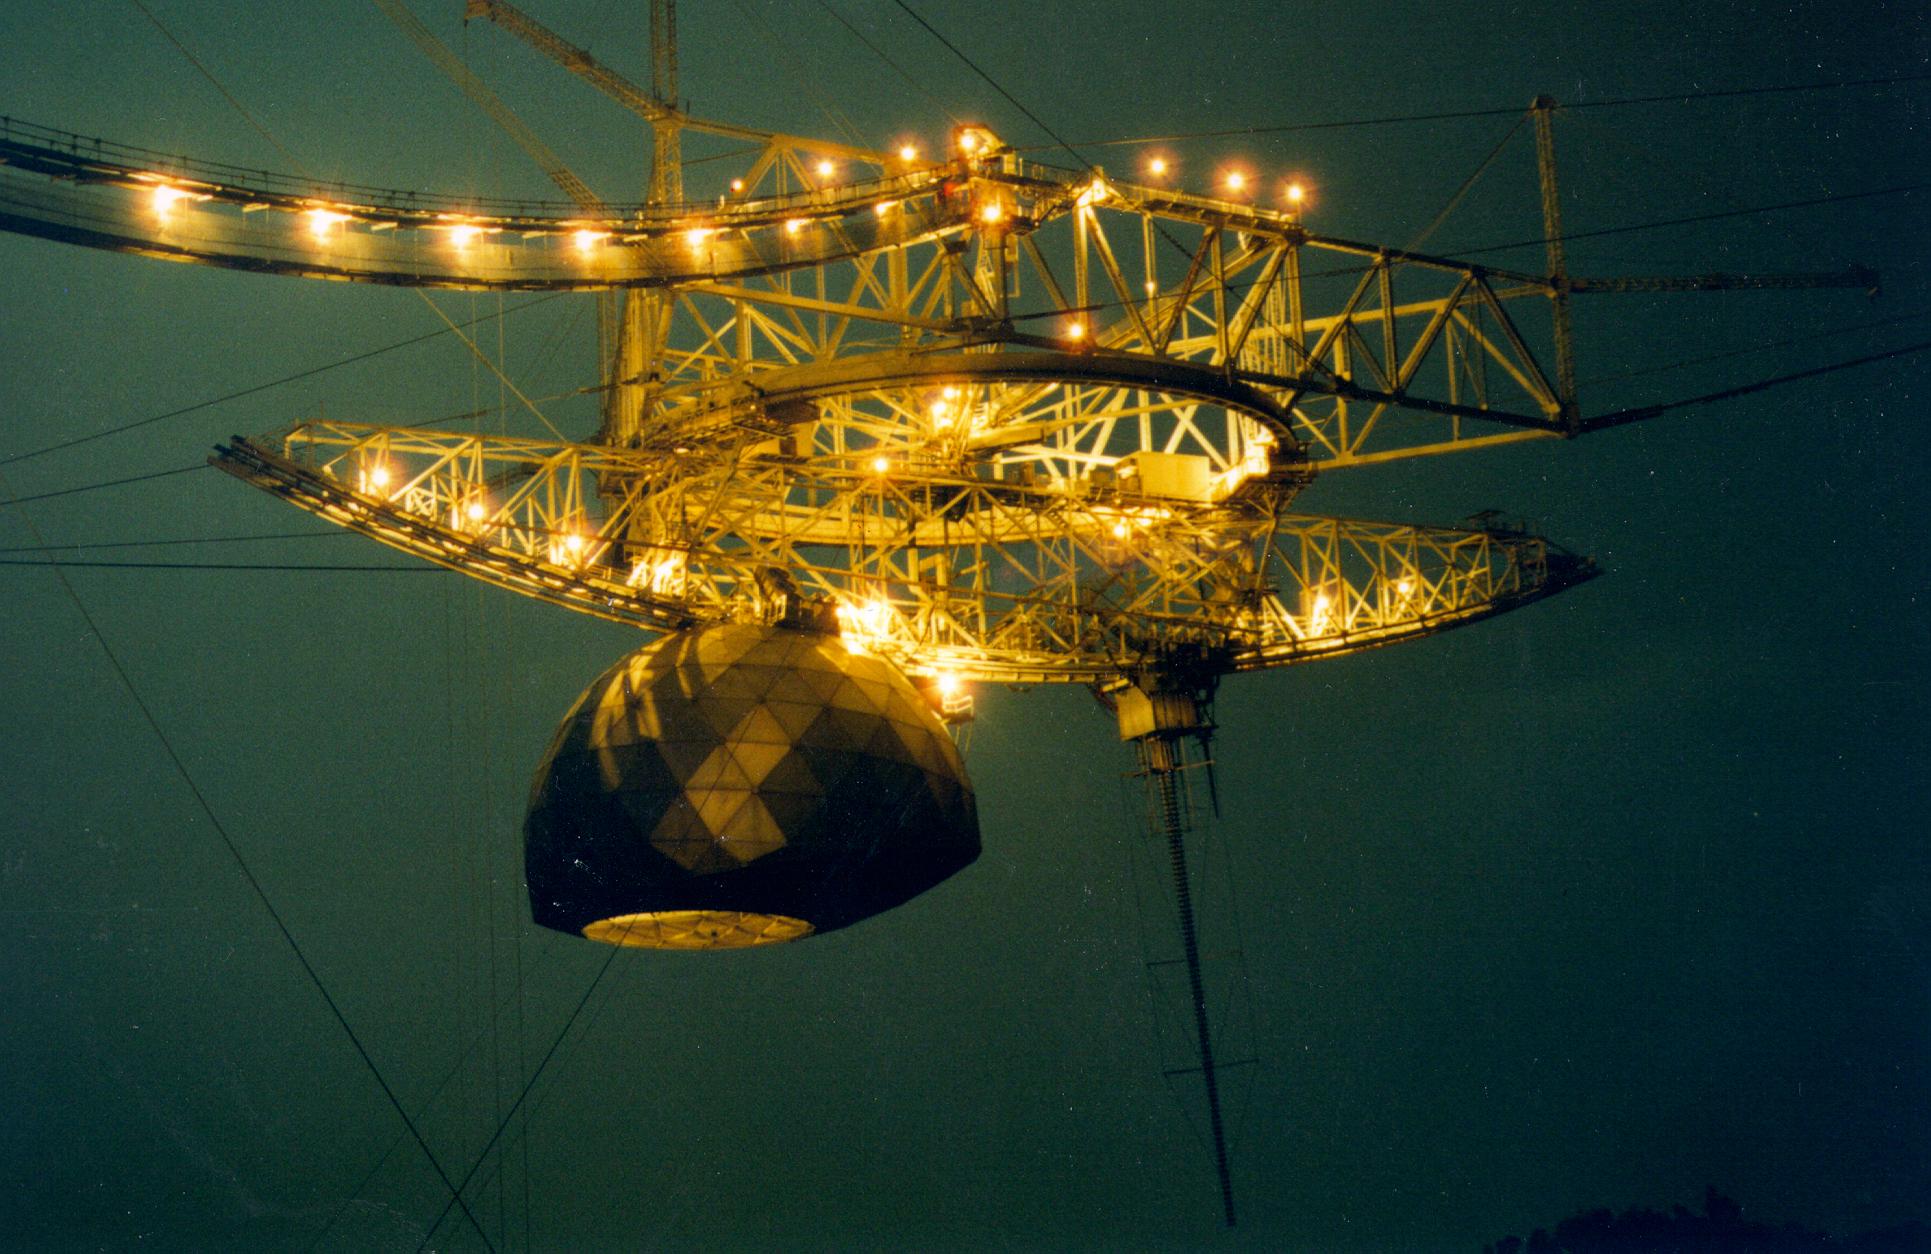 La plate-forme scientifique du radiotélescope de l'Observatoire d'Arecibo est éclairée la nuit.